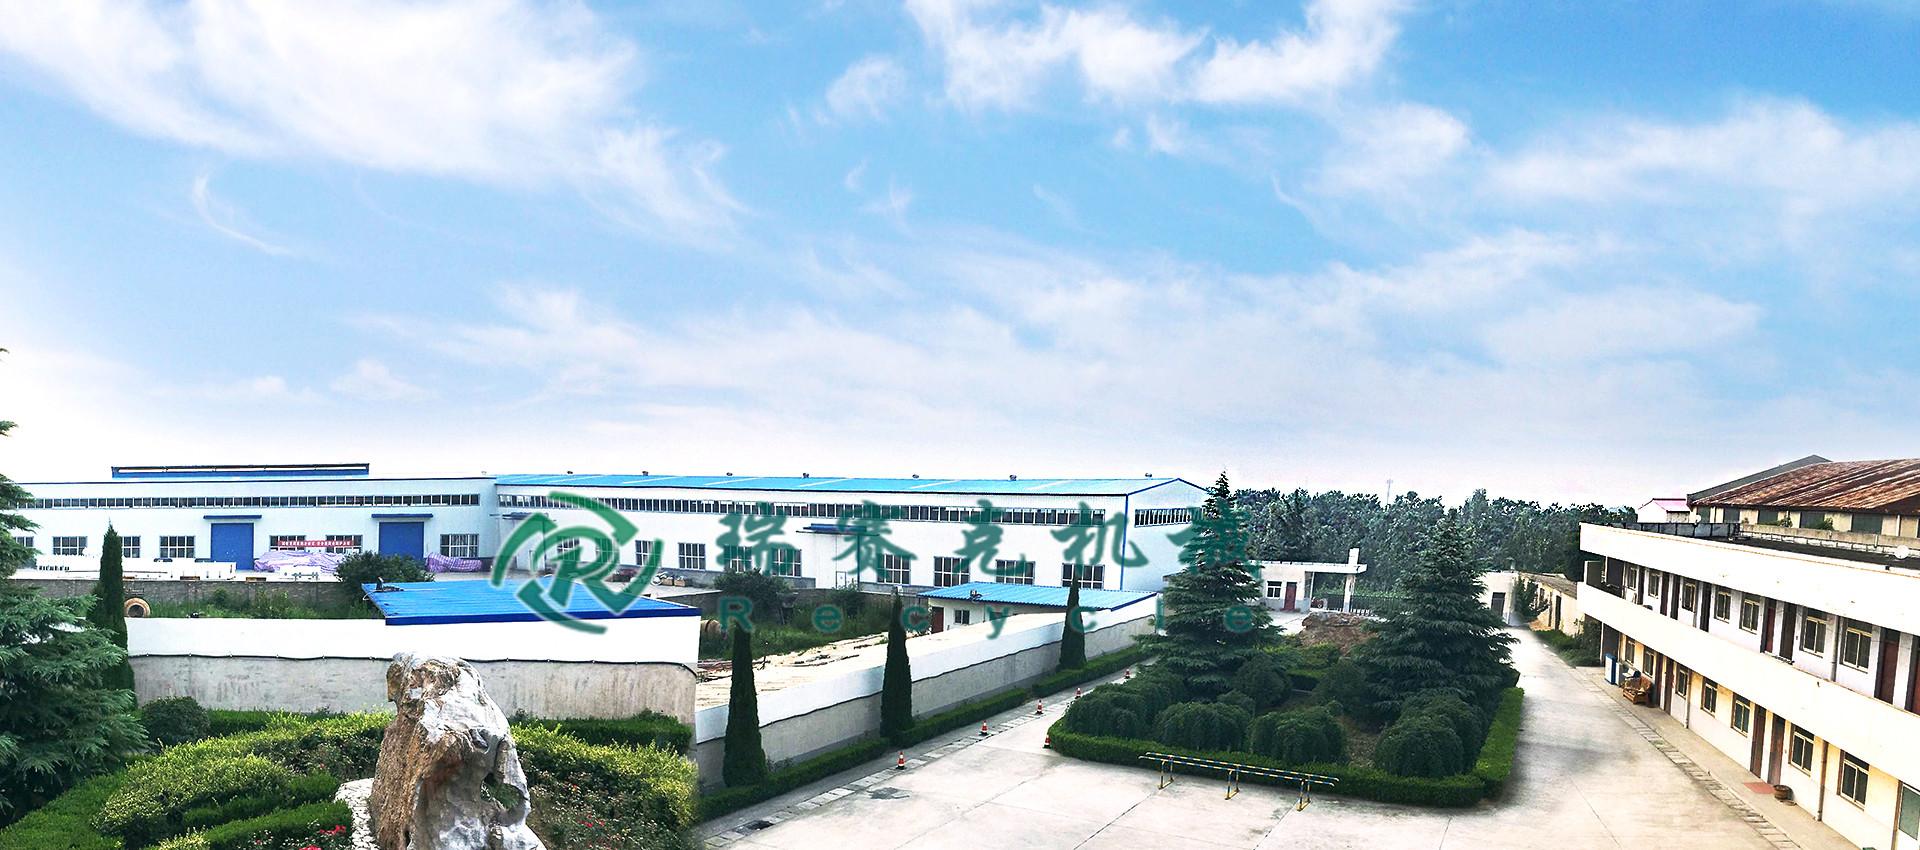 巩义瑞赛克厂房全景图.jpg